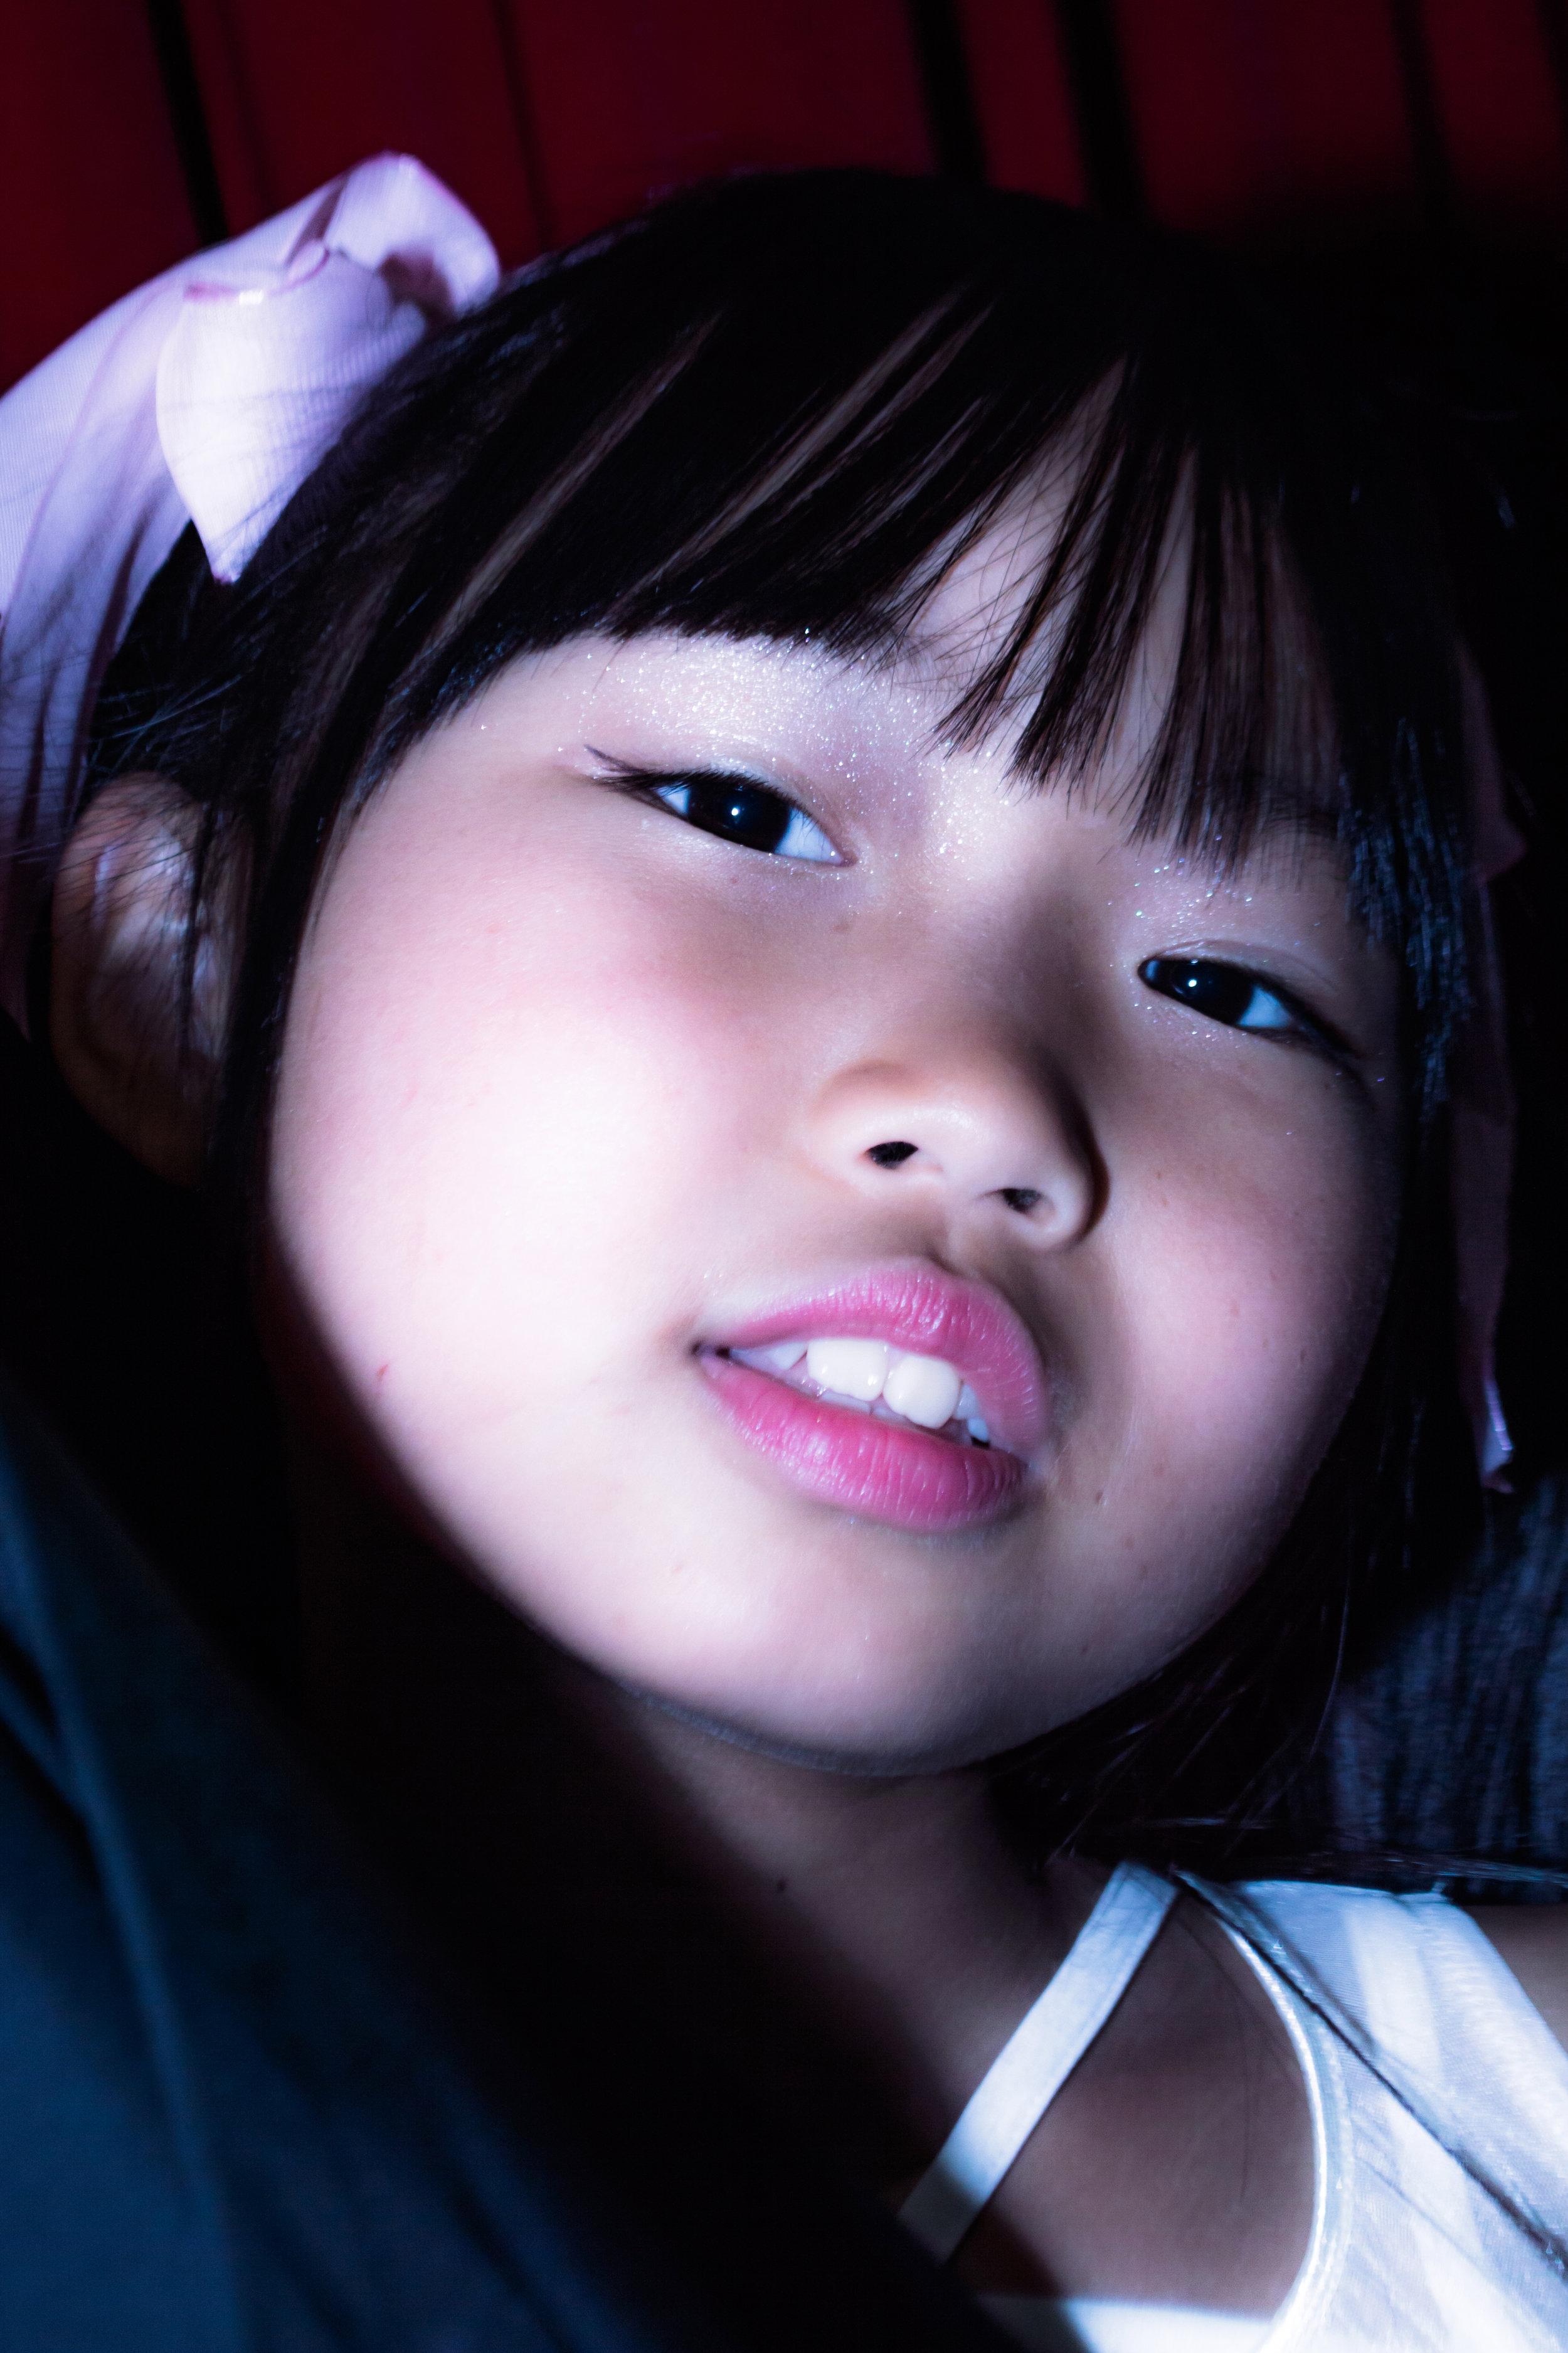 DSC_0629qcr1.jpg